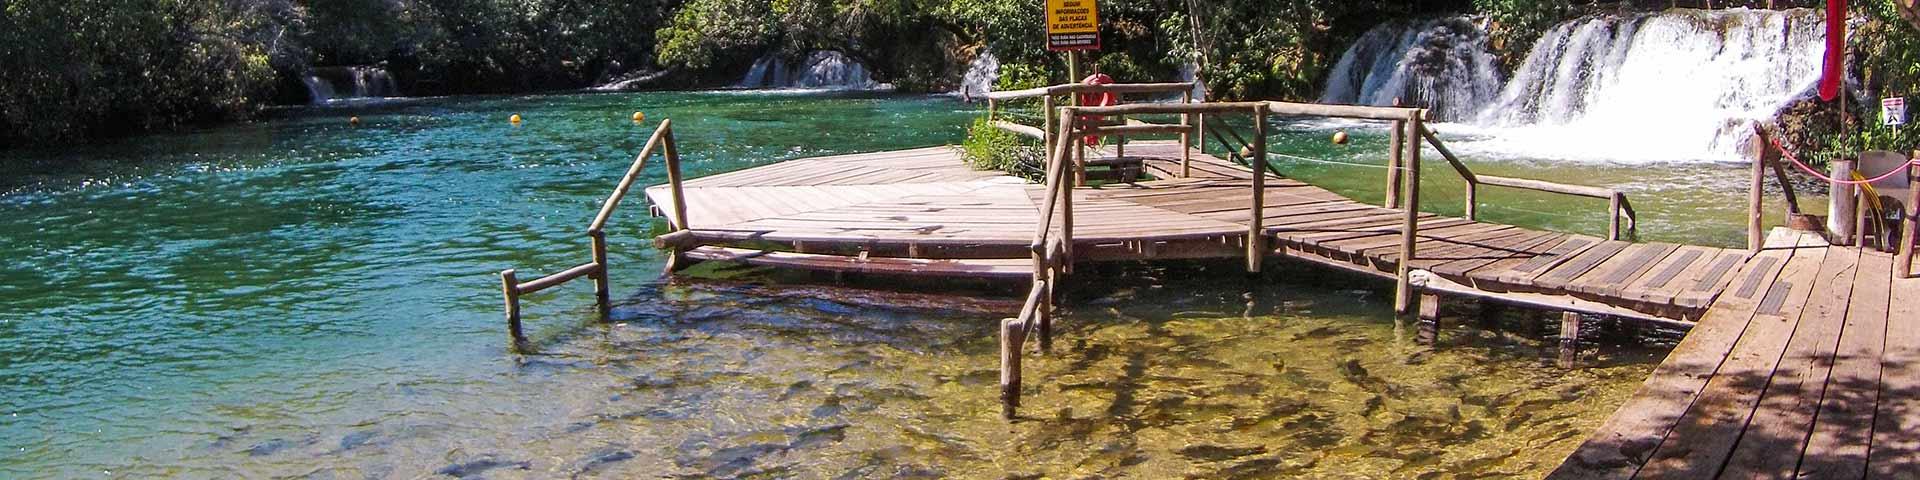 Eco-Park-Entrada-Ilha-do-Padre-Bonitour-Passeios-em-Bonito-MS-4996_1037.jpg